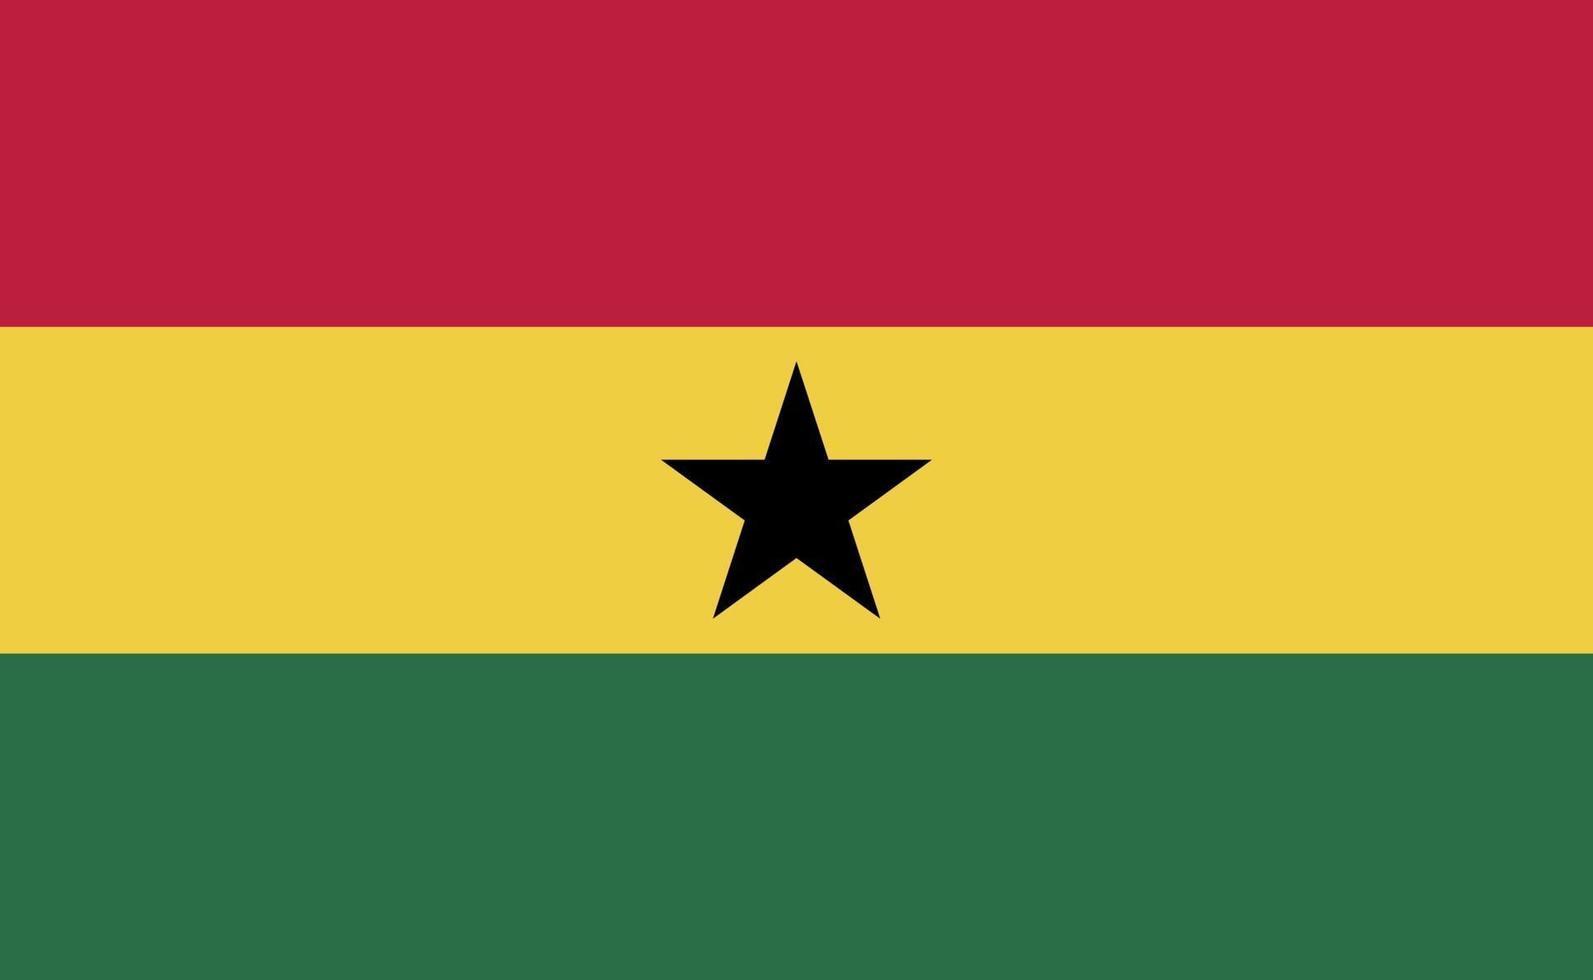 nationale vlag van Ghana in exacte verhoudingen - vectorillustratie vector